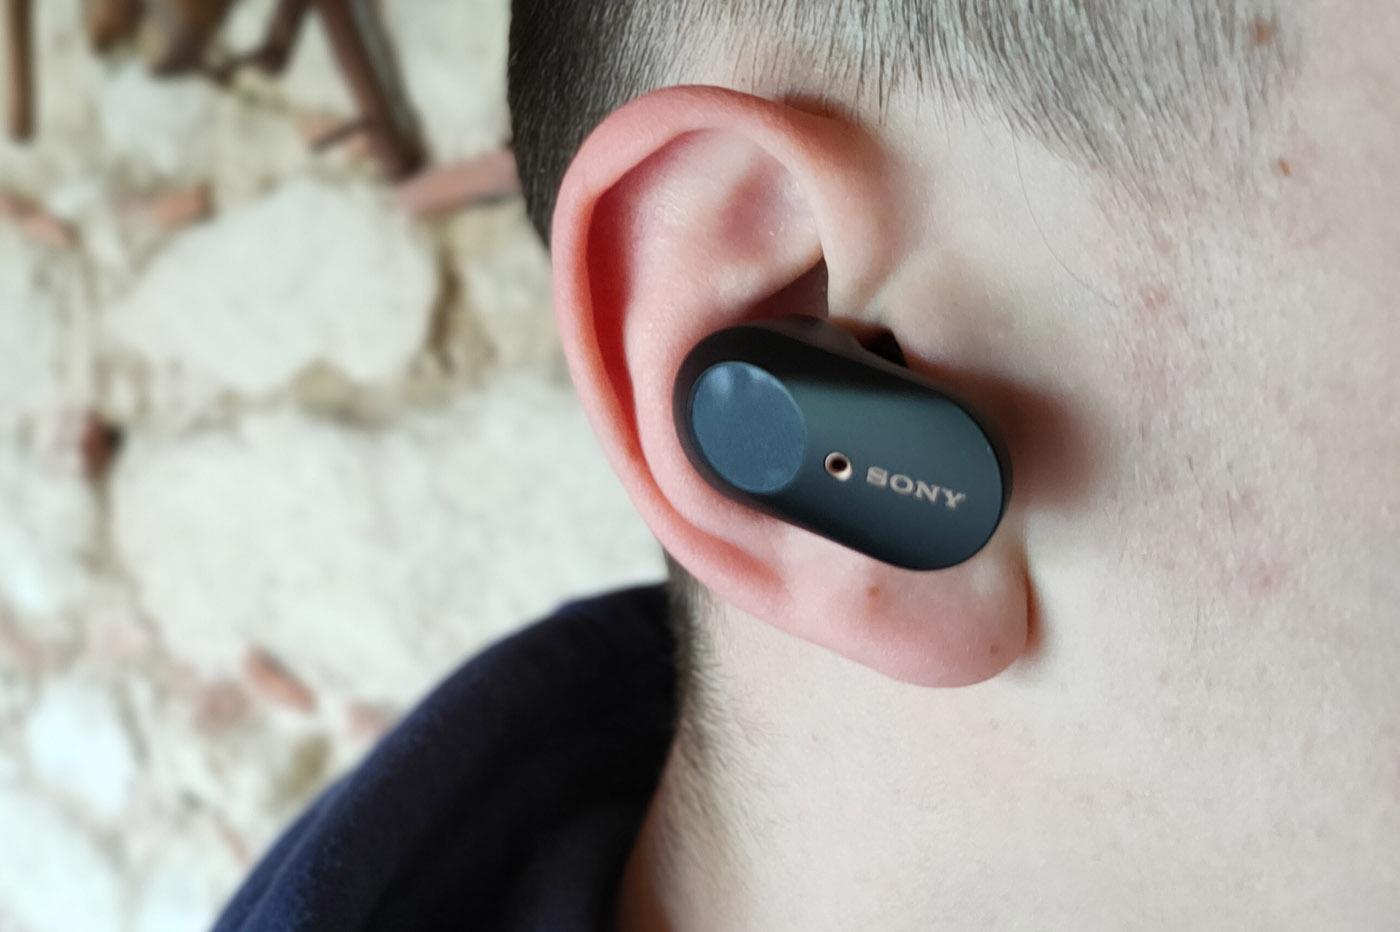 Test des écouteurs sans fil Sony WF-1000XM3 avec un iPhone 10